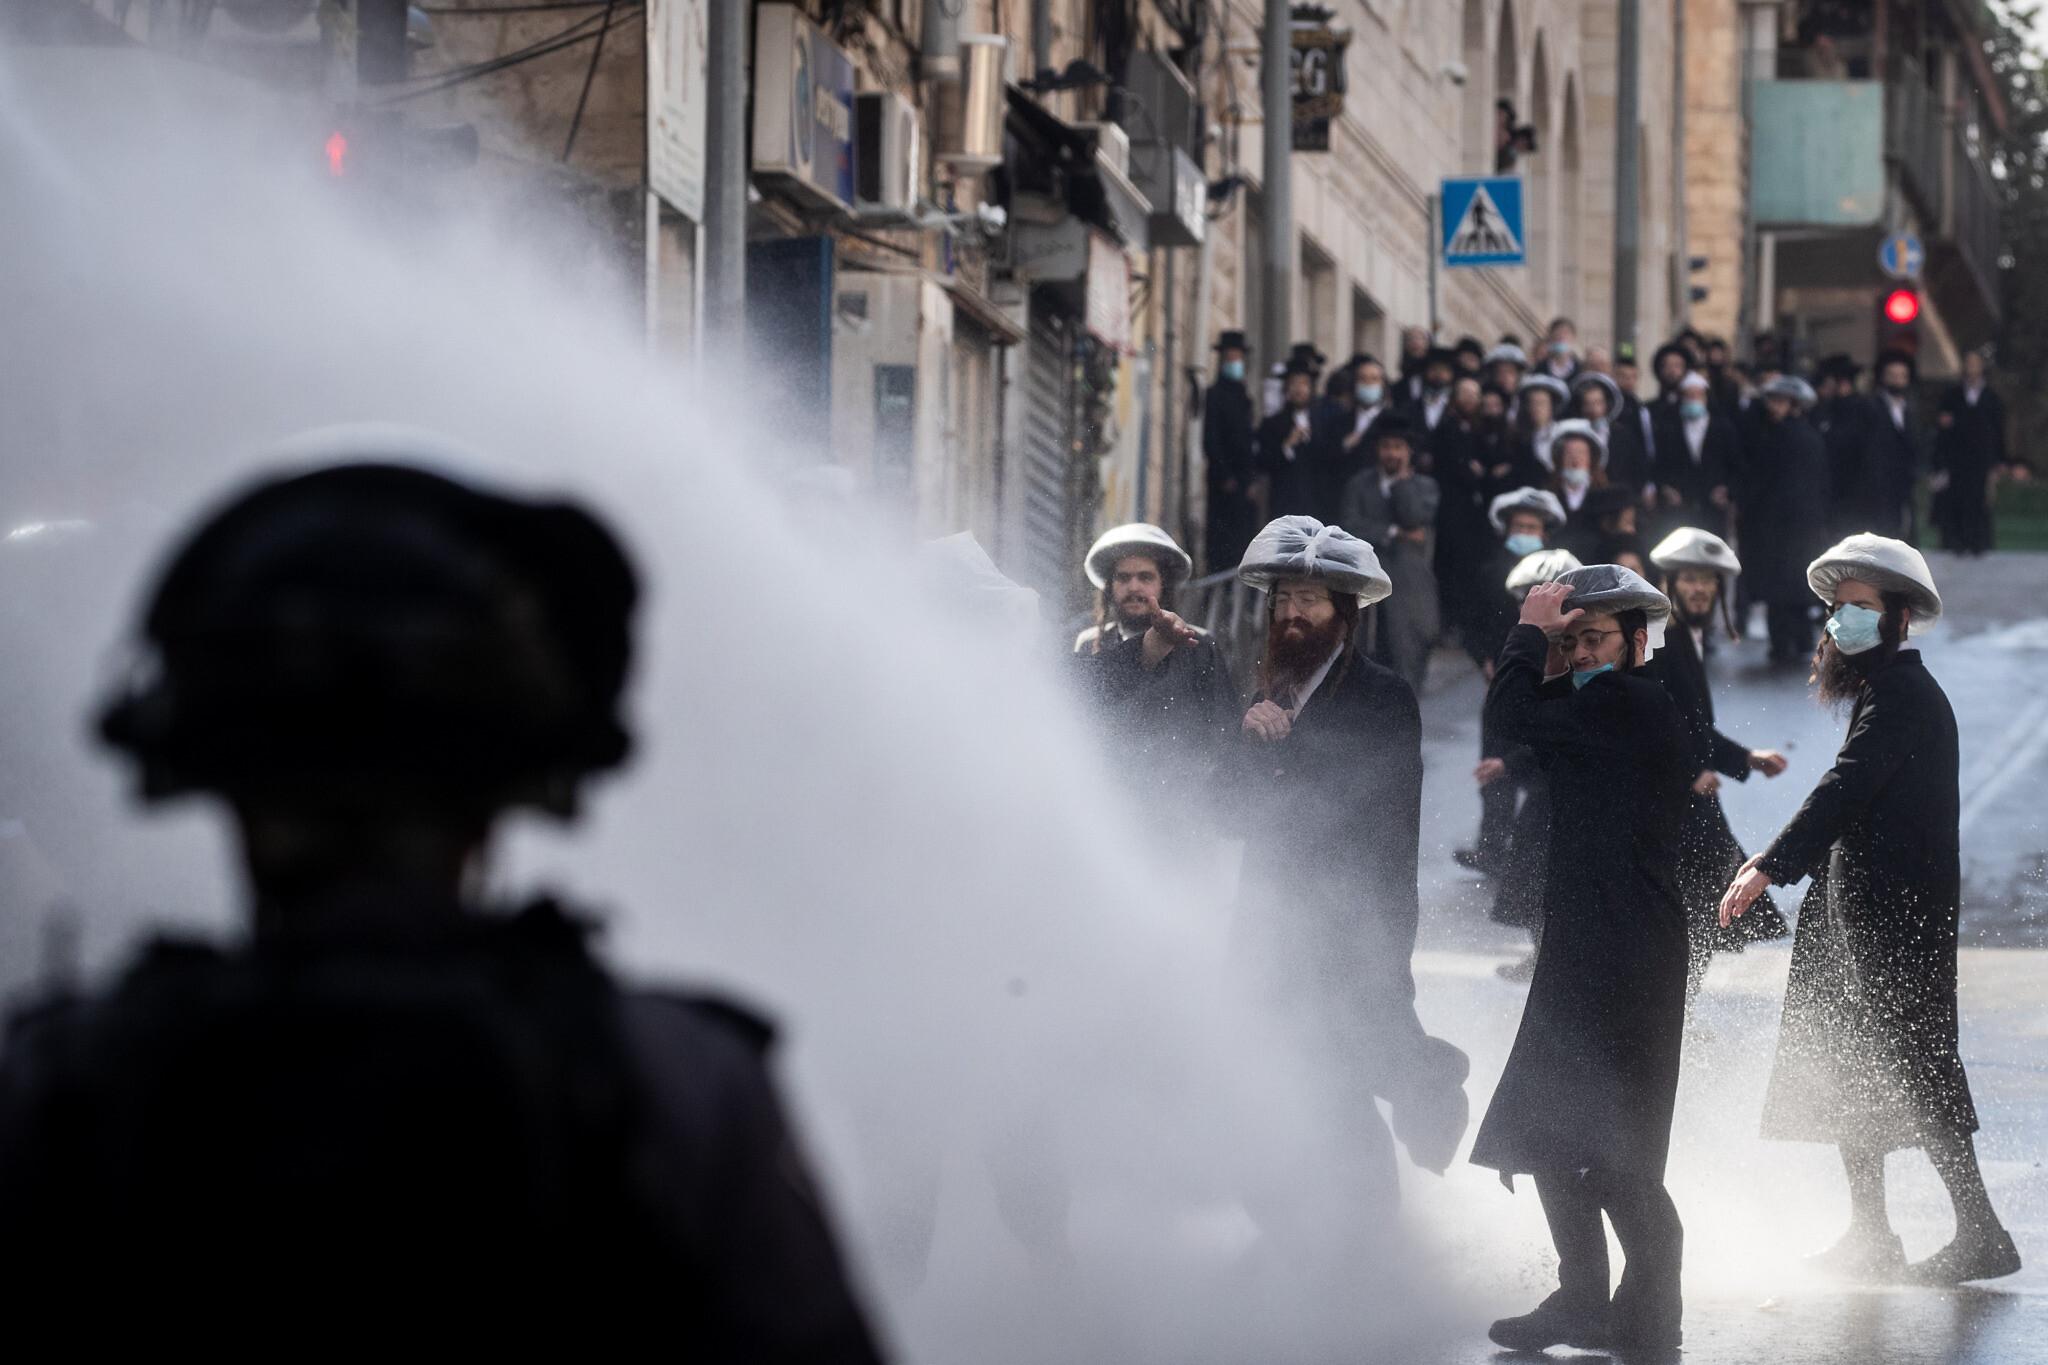 Haredi mob attacks cops in Modiin Illit; graffiti likens police chief to Hitler